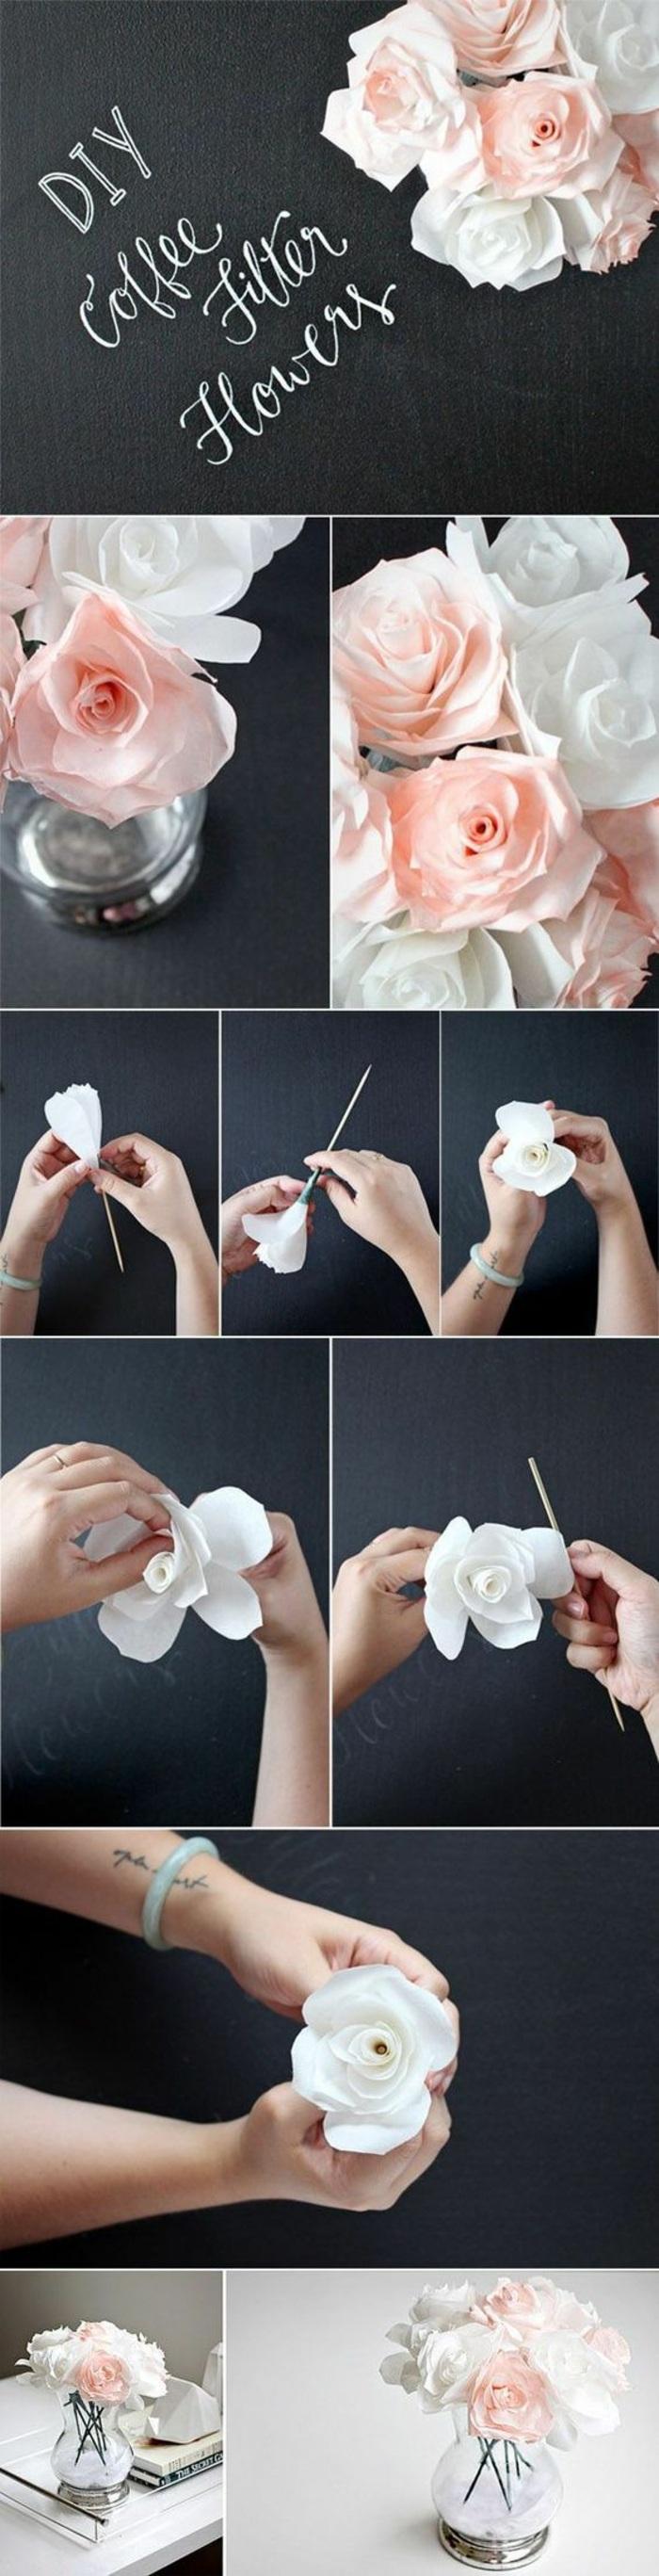 glasvase, rosen aus papier, papierblumen selber machen